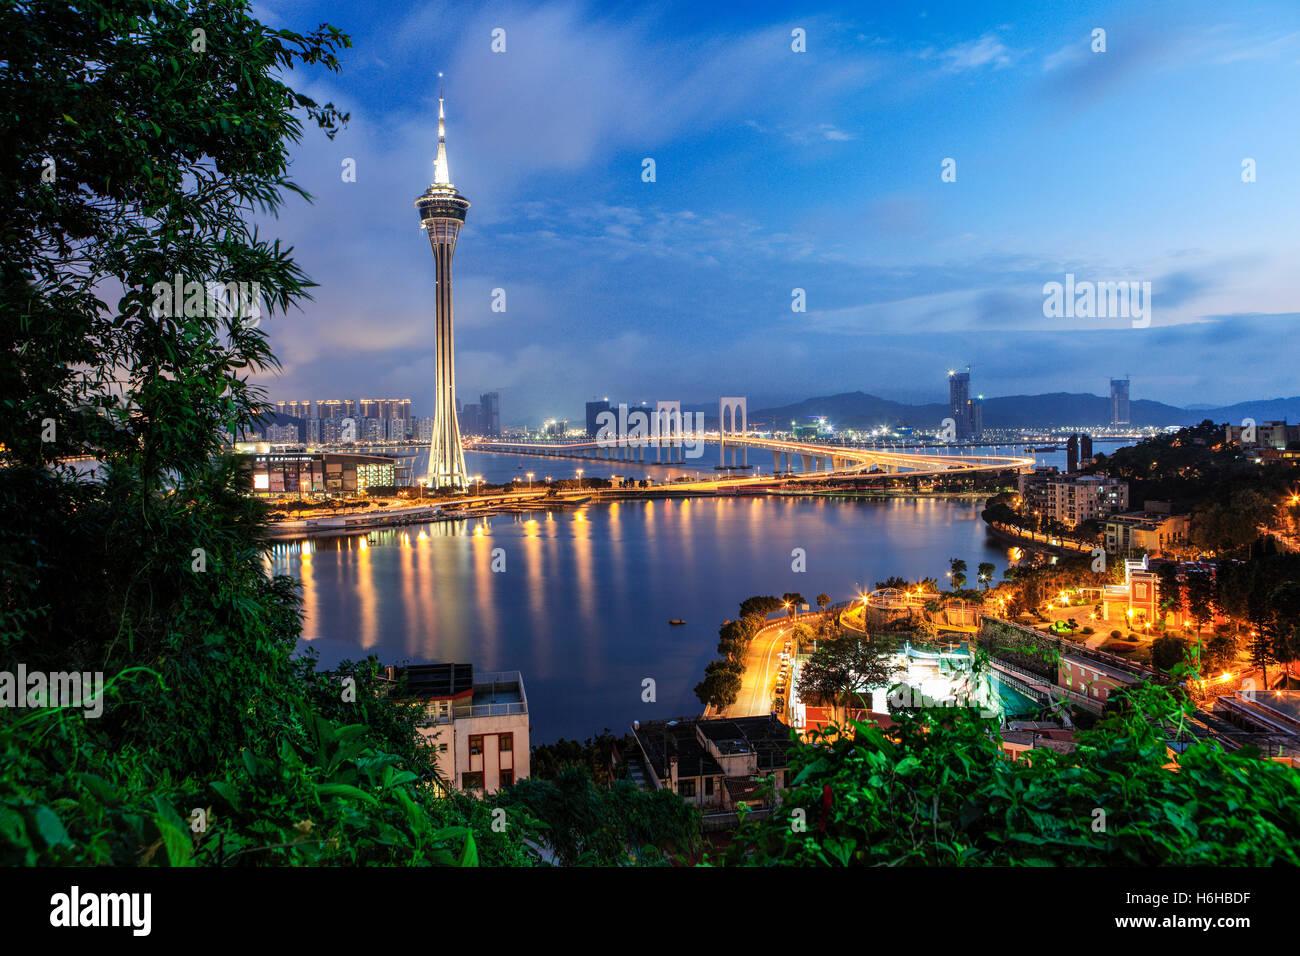 La Tour Macao avec l'opinion de la Sai Van Bridge pendant le crépuscule. Photo Stock